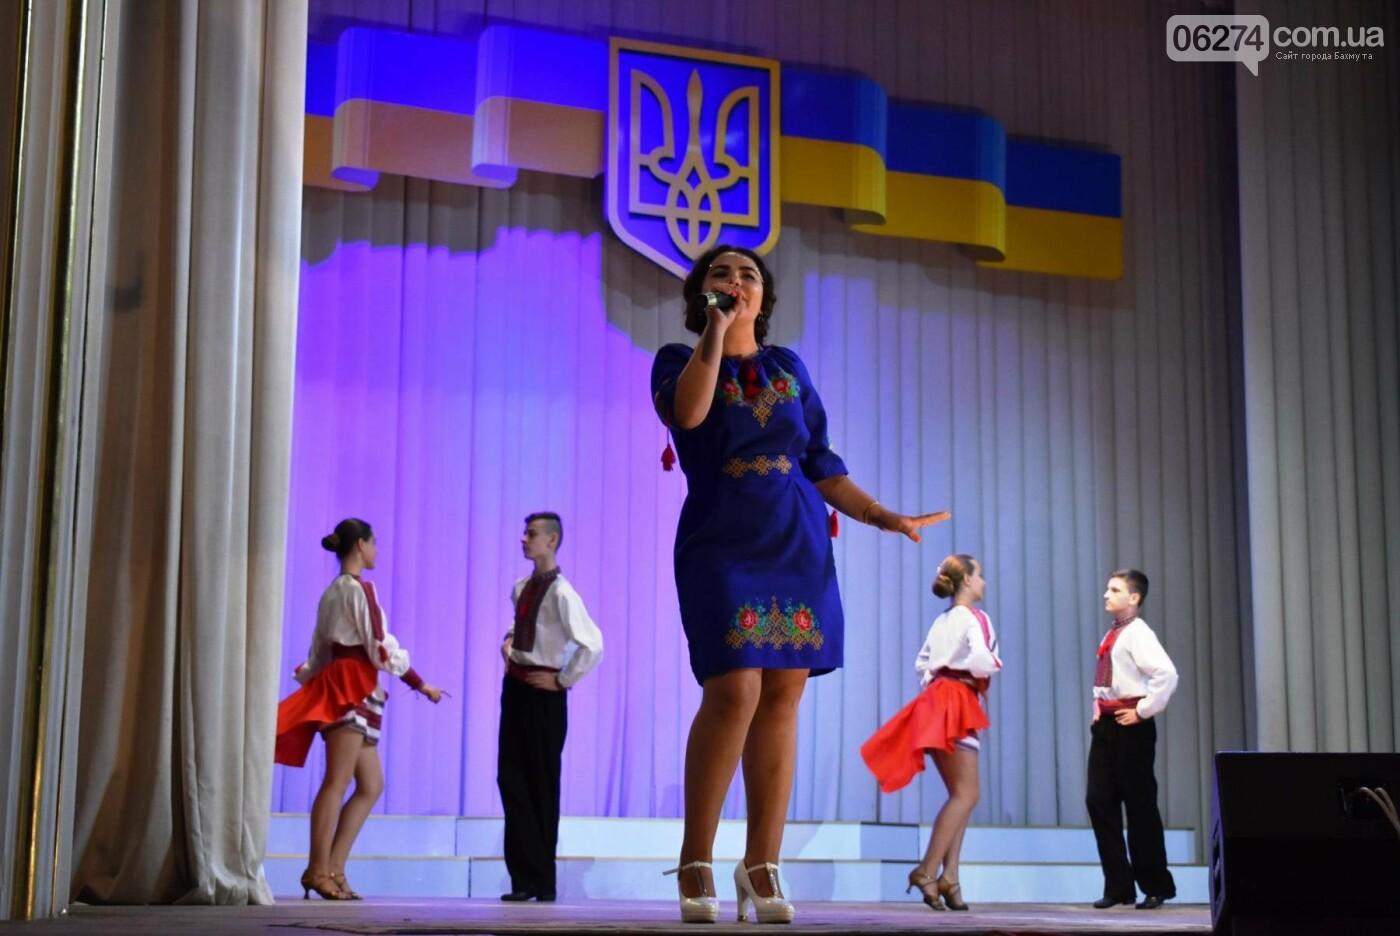 В Бахмуте прошло торжественное собрание по случаю Дня Конституции Украины, фото-3